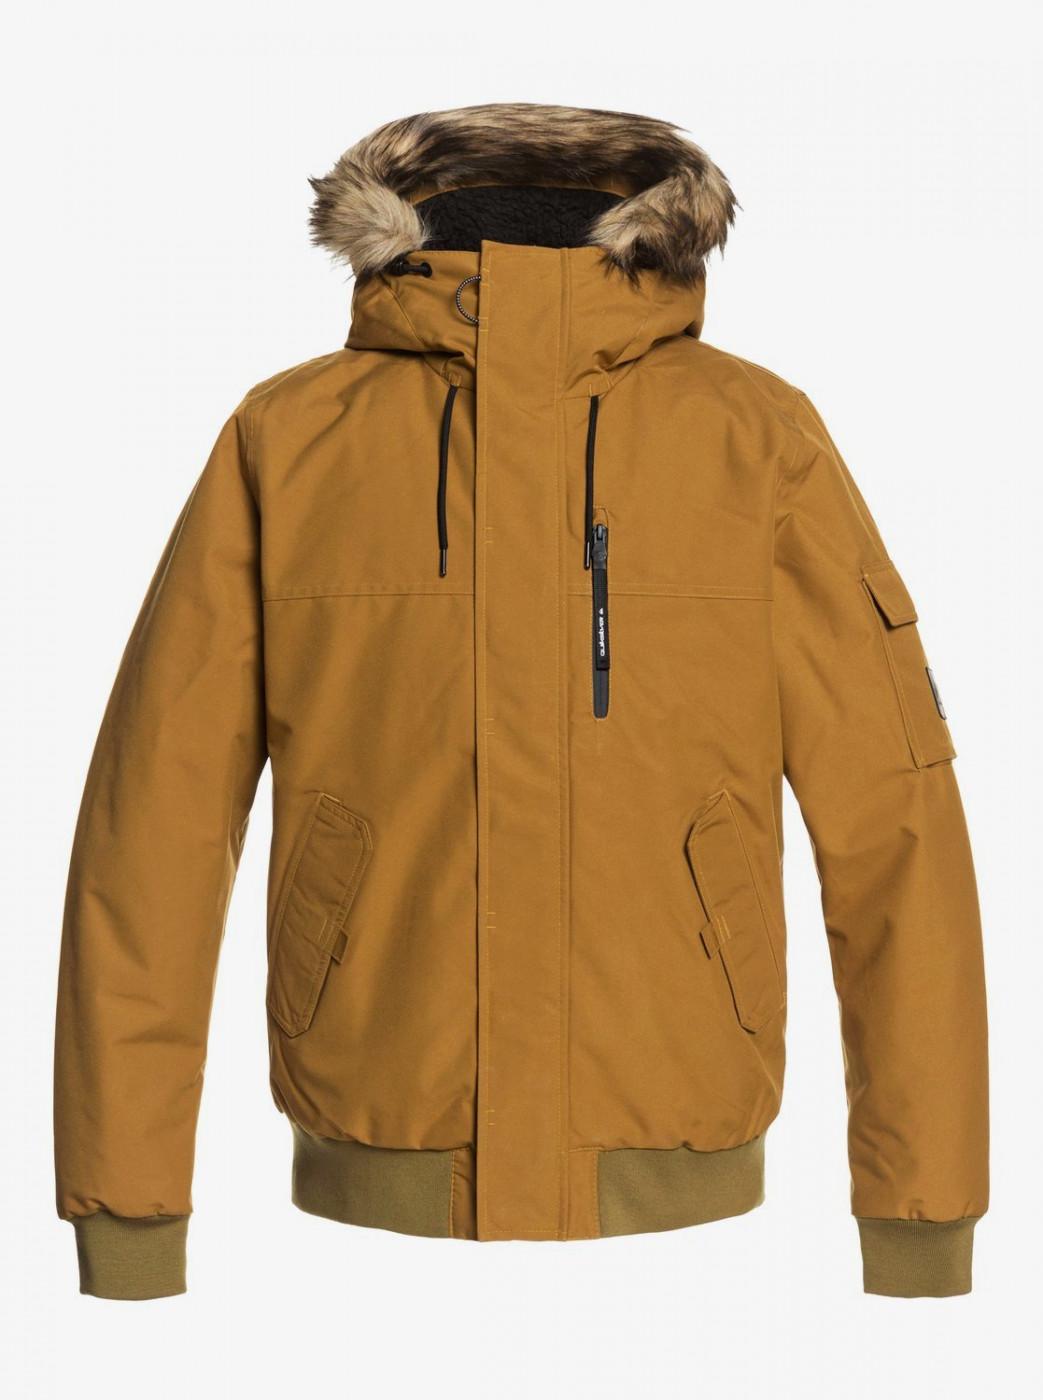 Men's jacket QUICKSILVER ARRIS